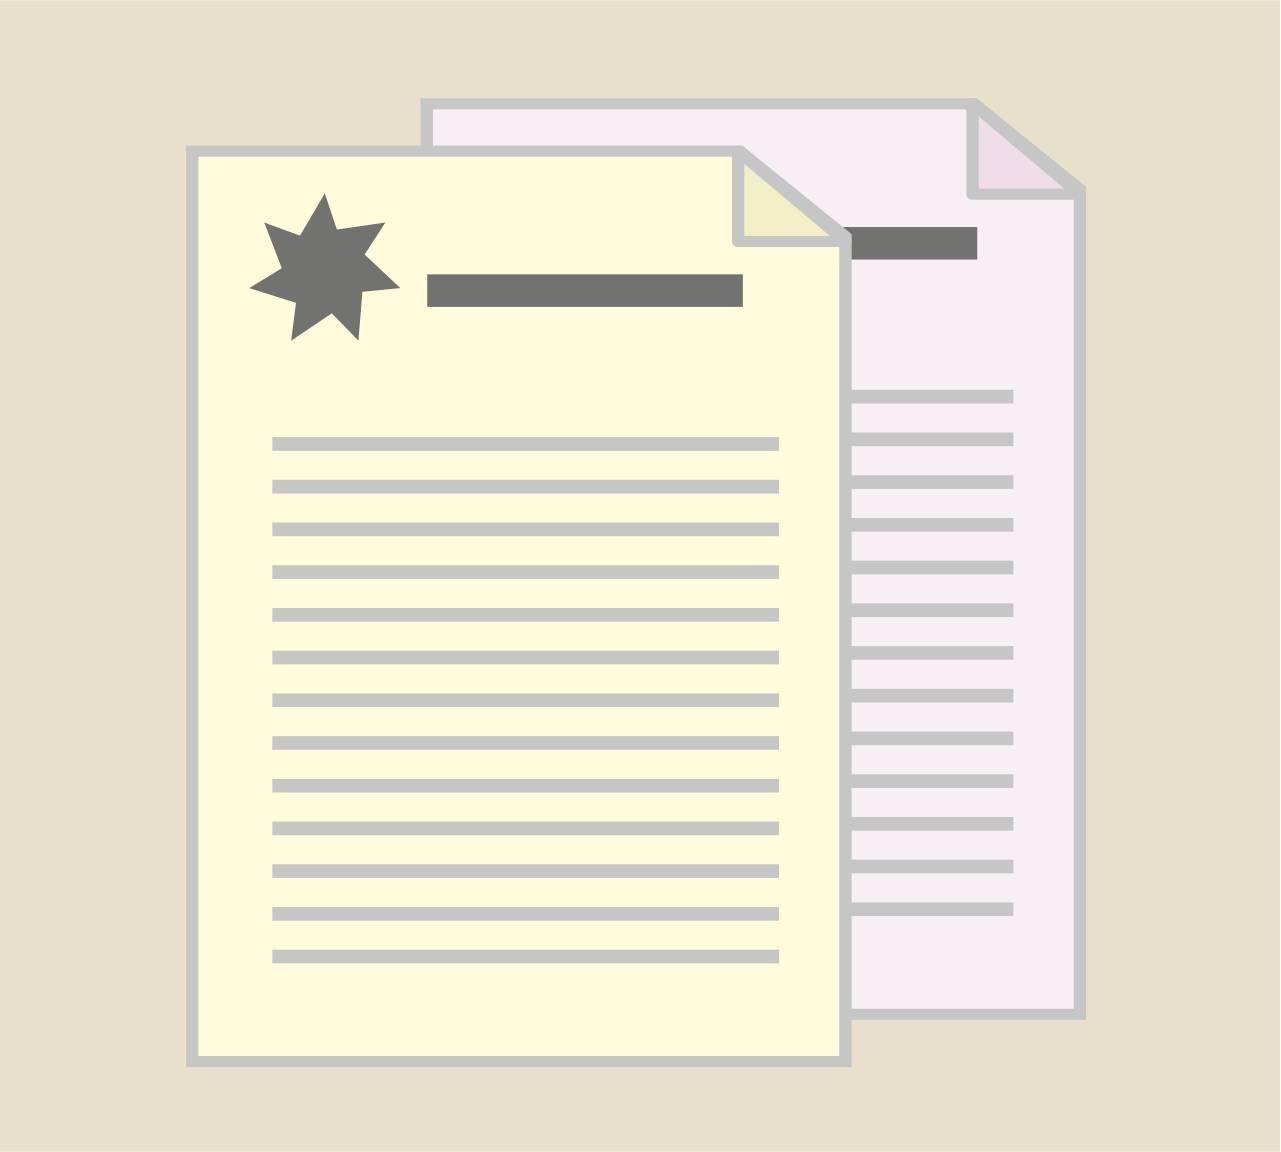 Realizzazione e stampa di moduli copiativi